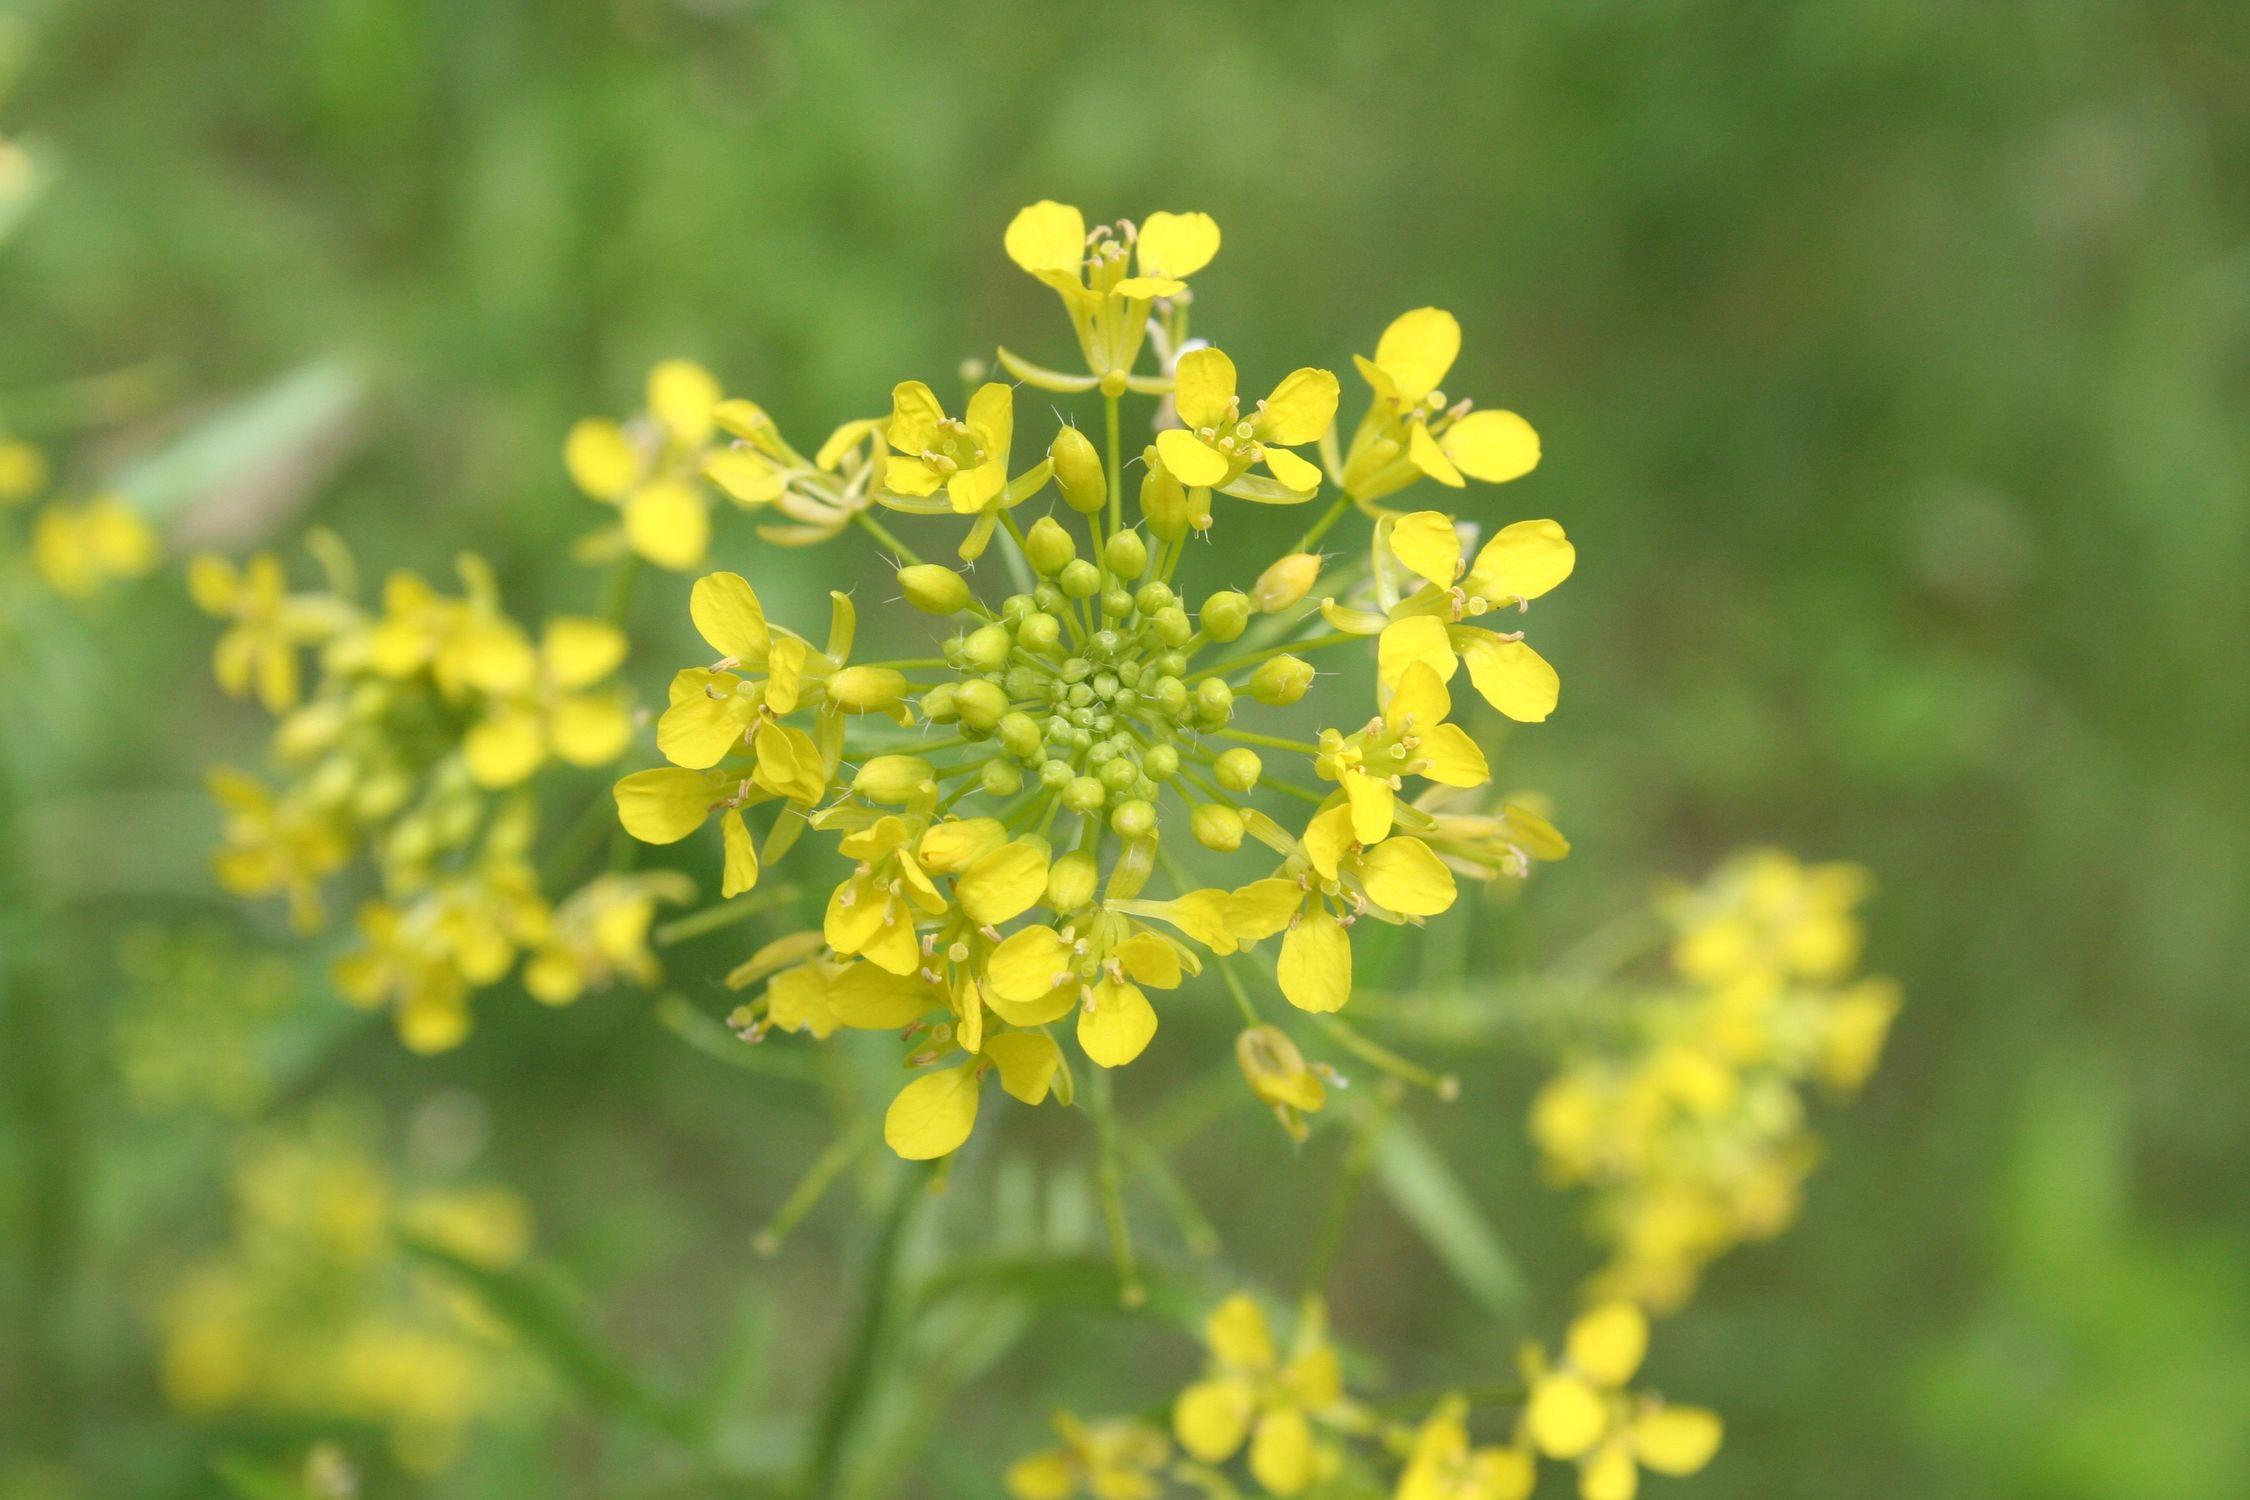 Bild mit Farben, Gelb, Gegenstände, Natur, Pflanzen, Lebensmittel, Essen, Blumen, Raps, Kreuzblütler, Senf